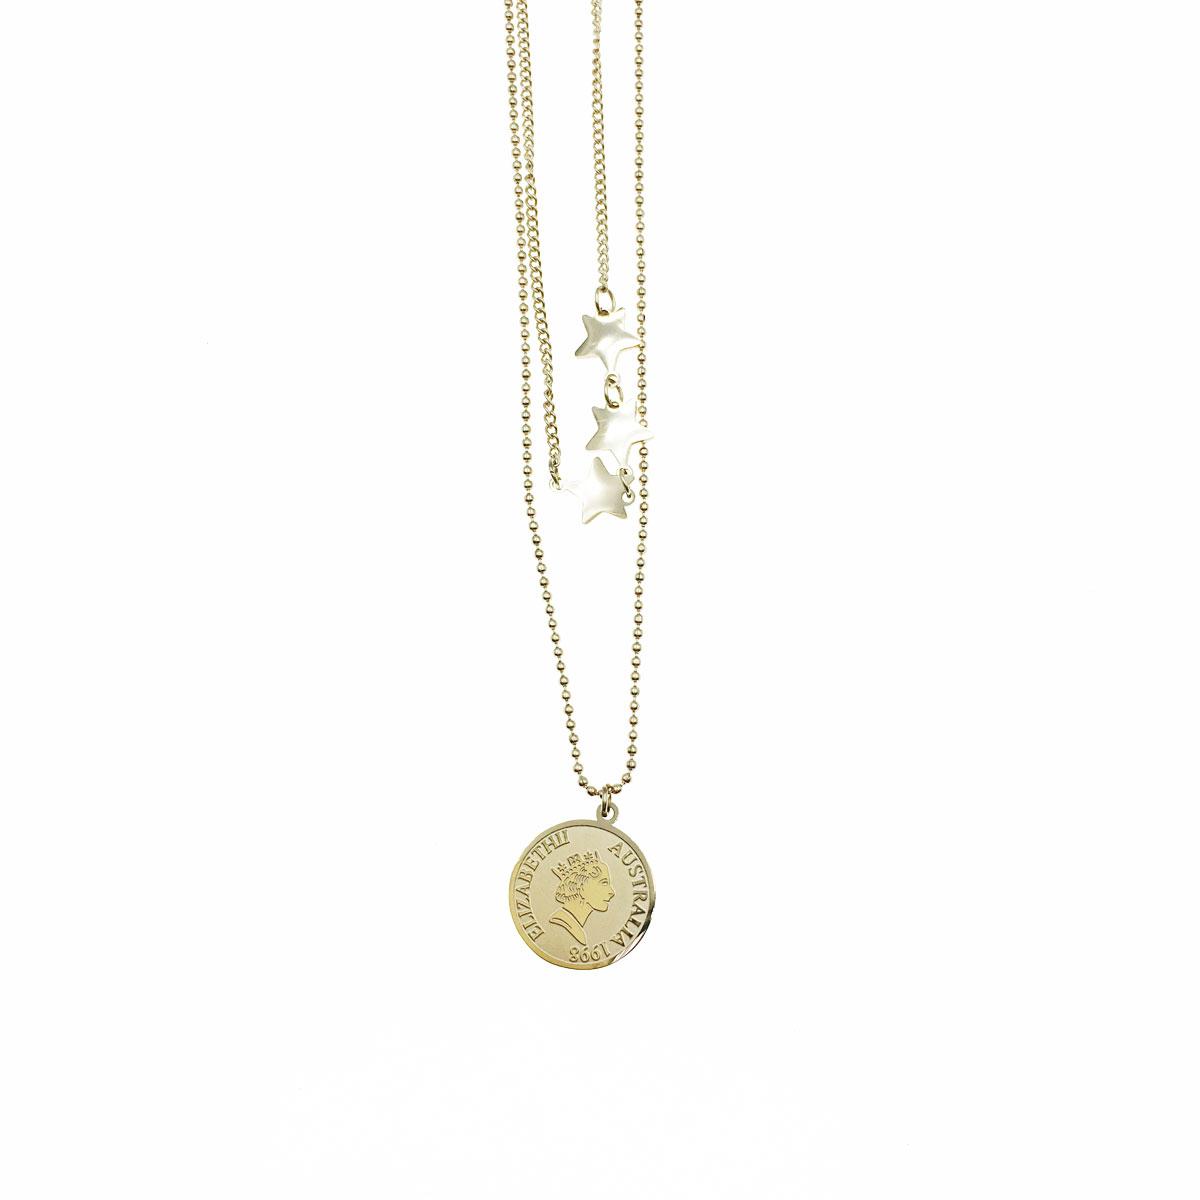 韓國 不銹鋼 星星 女王 鎖骨鍊 短鍊 項鍊 飾品